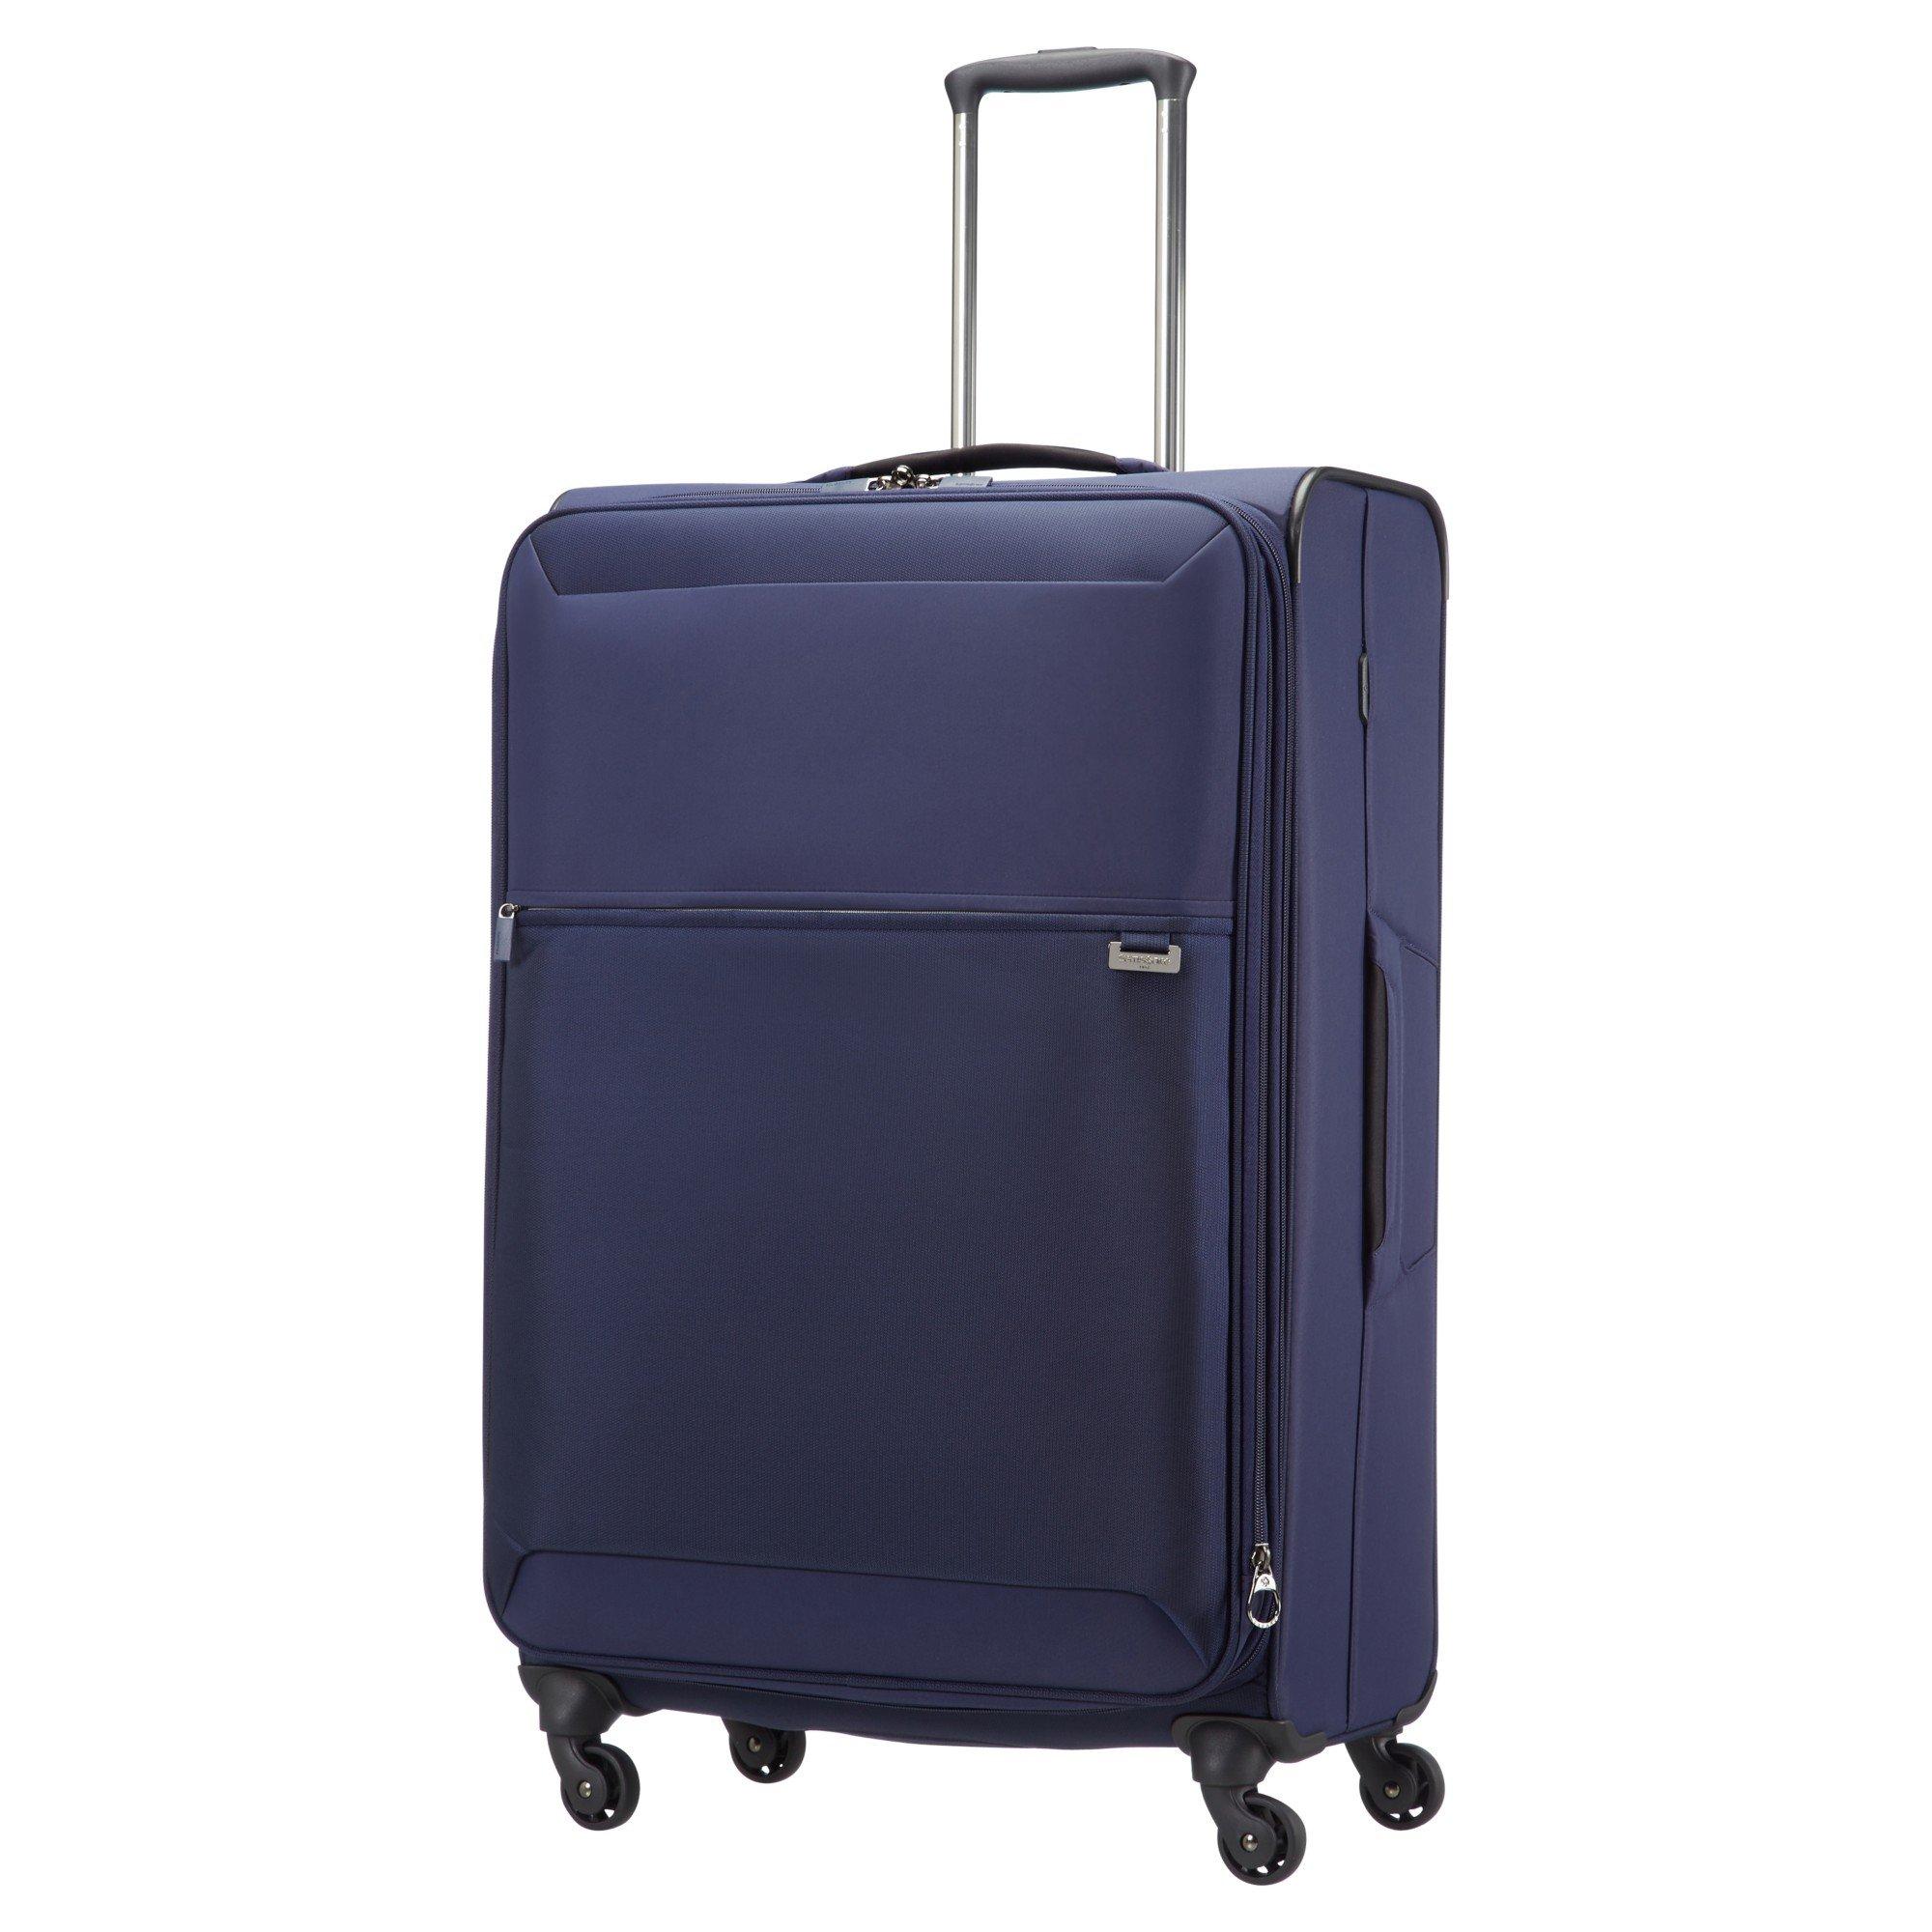 samsonite short lite 4 wheel 76cm large spinner suitcase. Black Bedroom Furniture Sets. Home Design Ideas